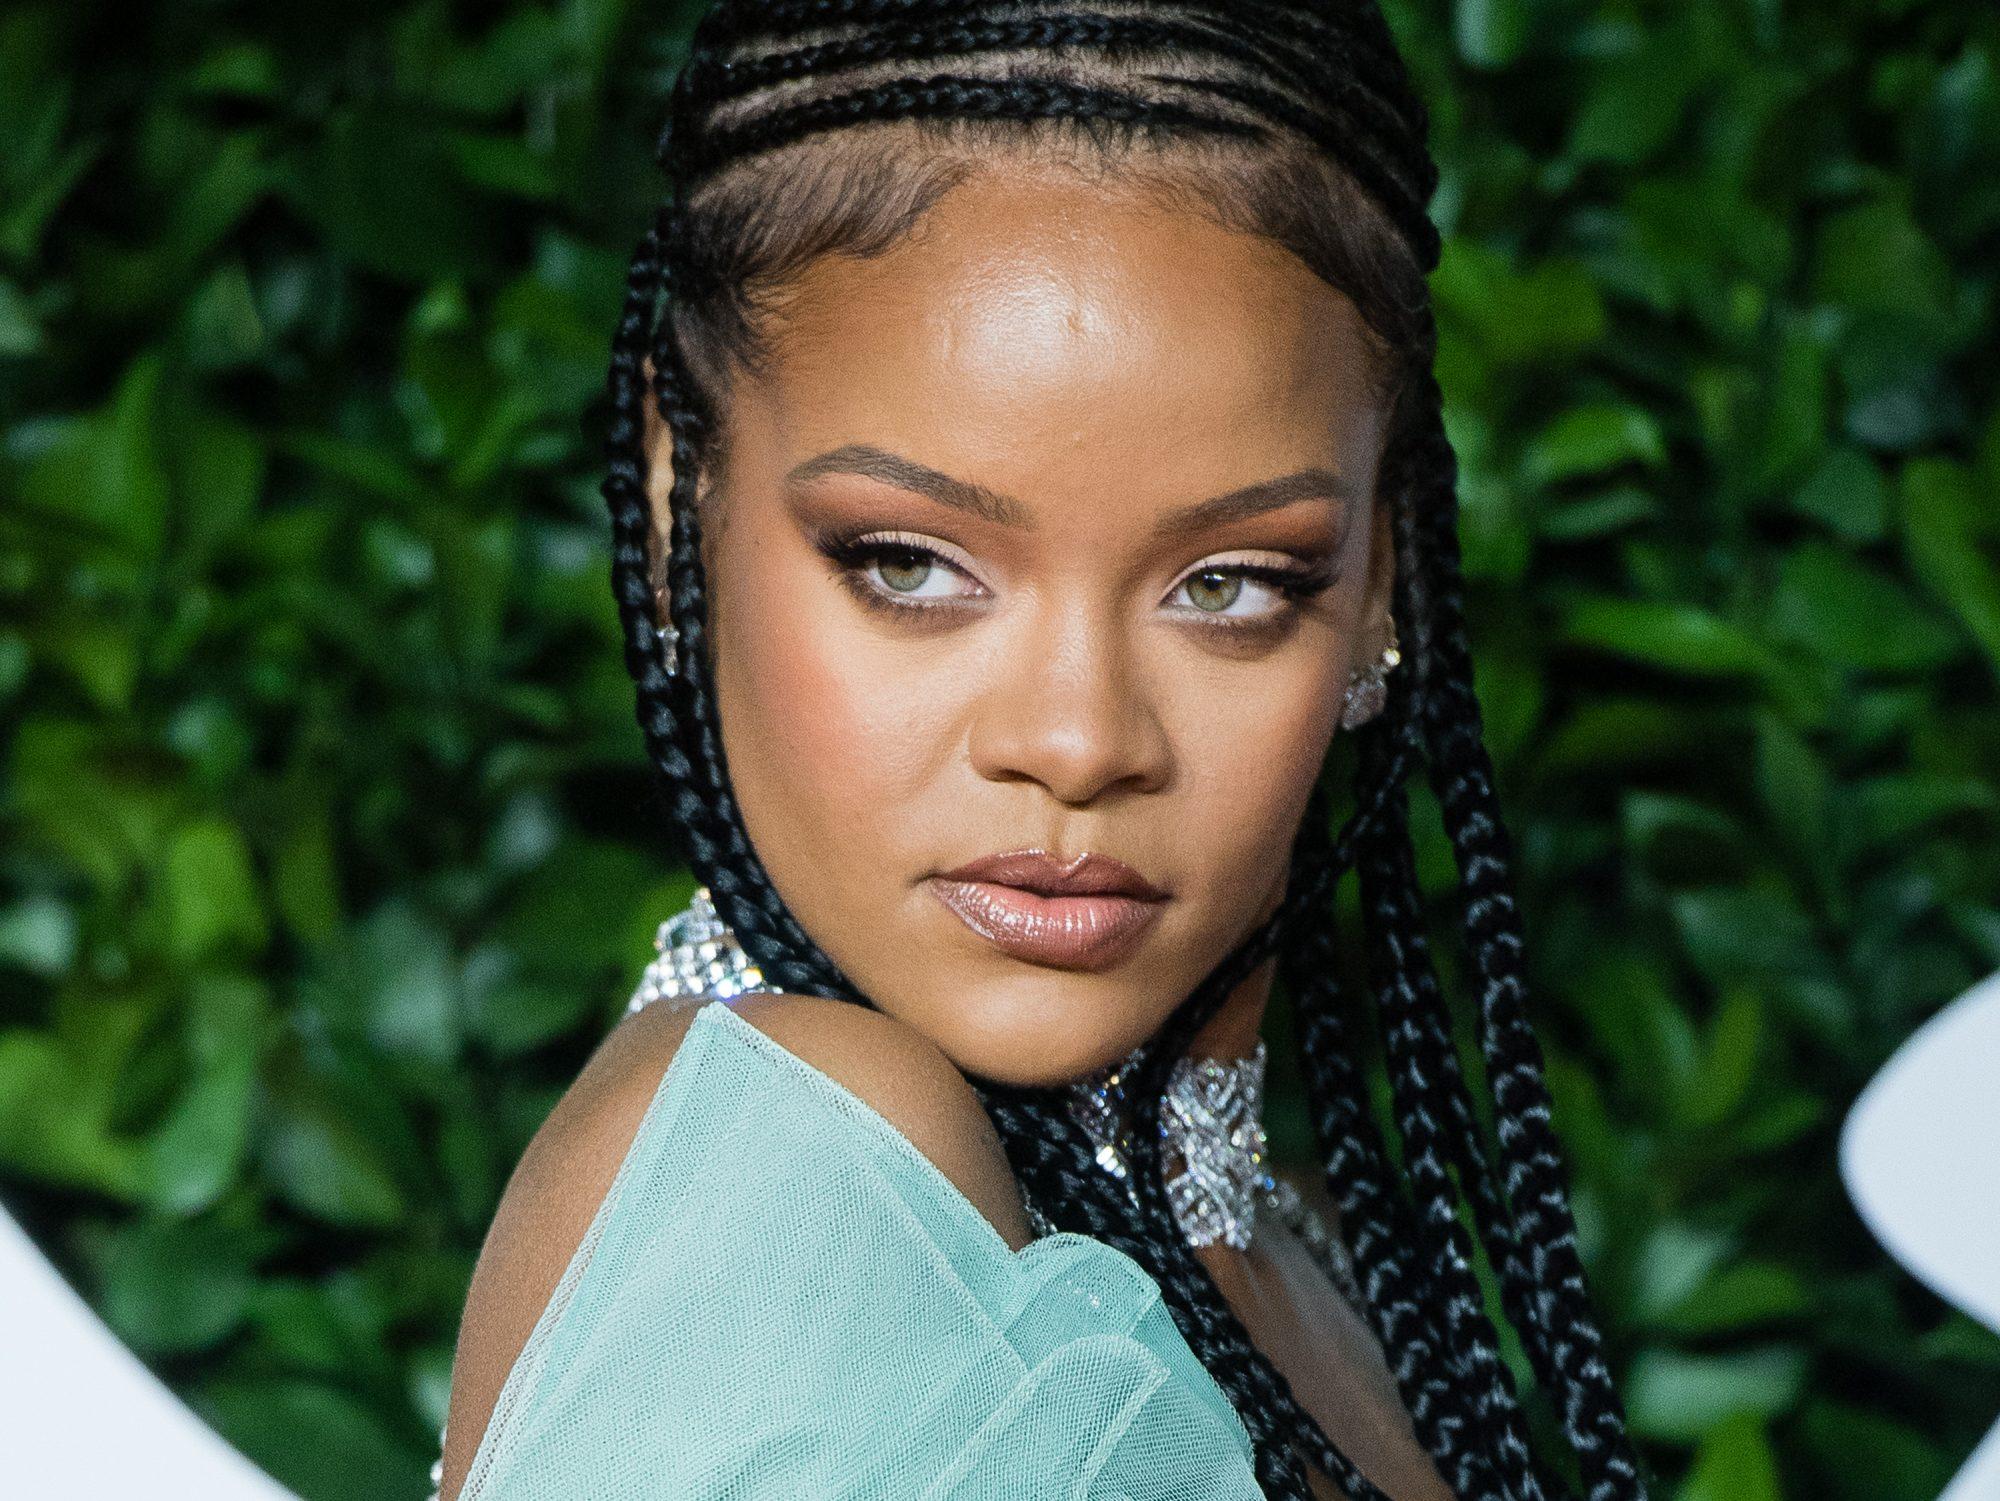 Rihanna maquilaje